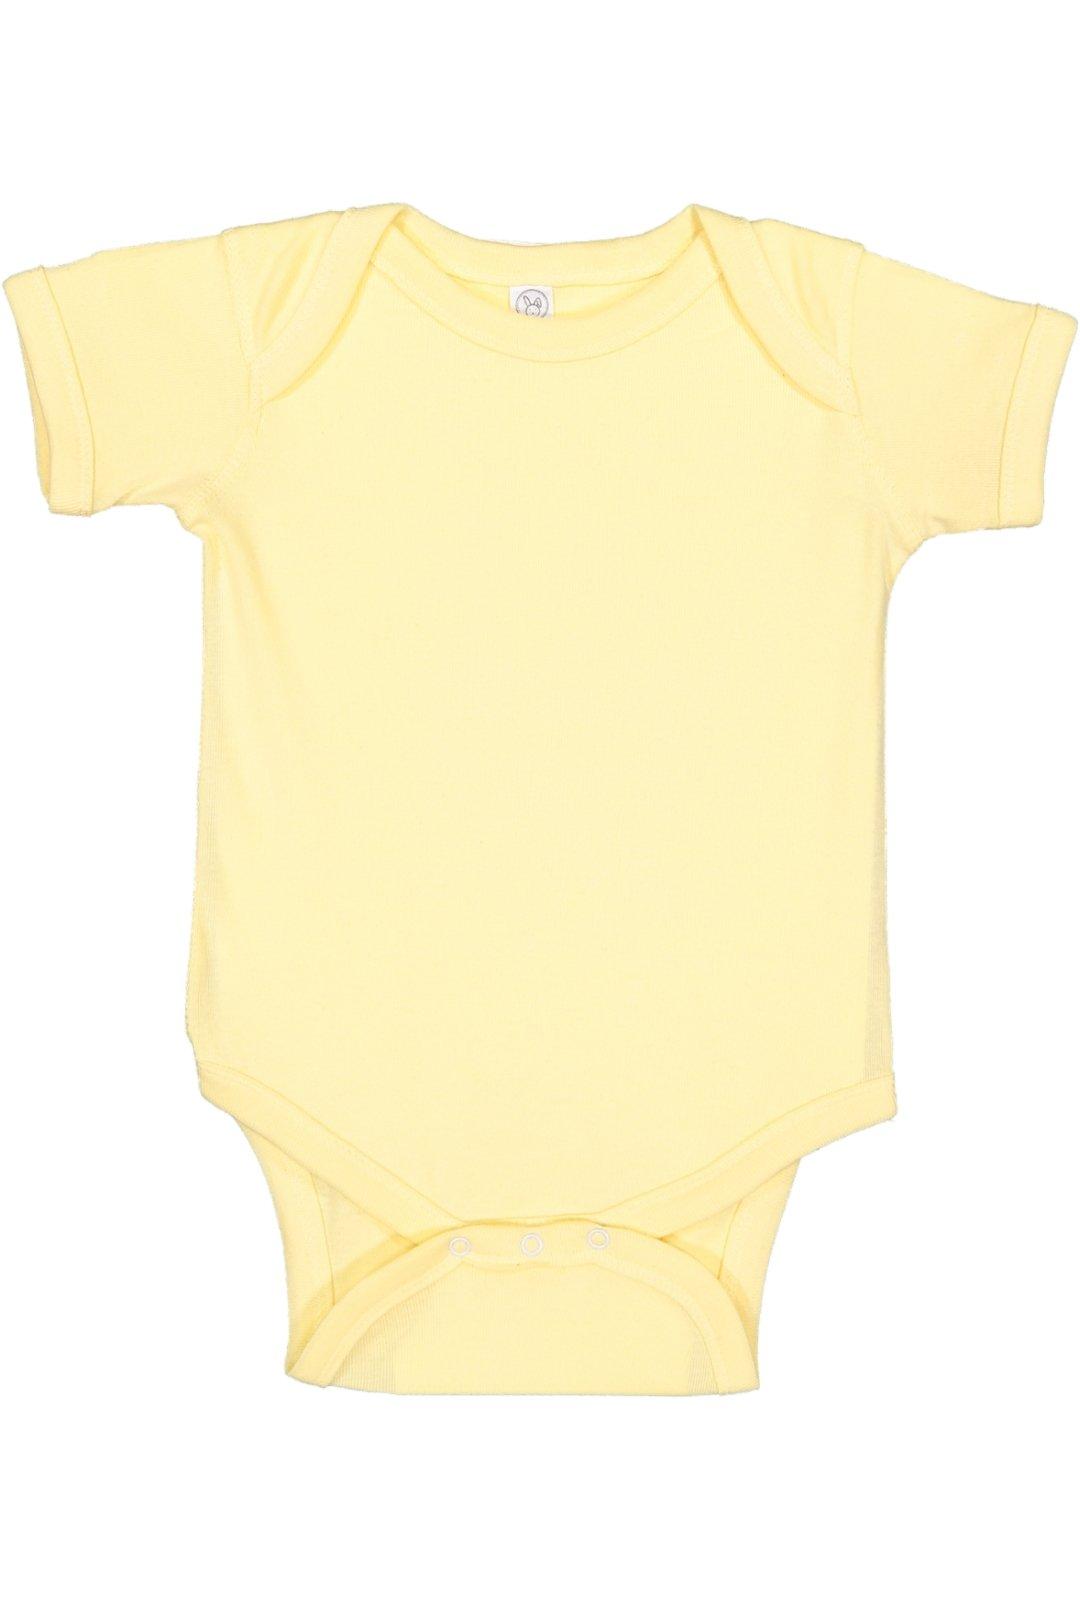 RABBIT SKINS, Baby Soft Short-Sleeve Bodysuit